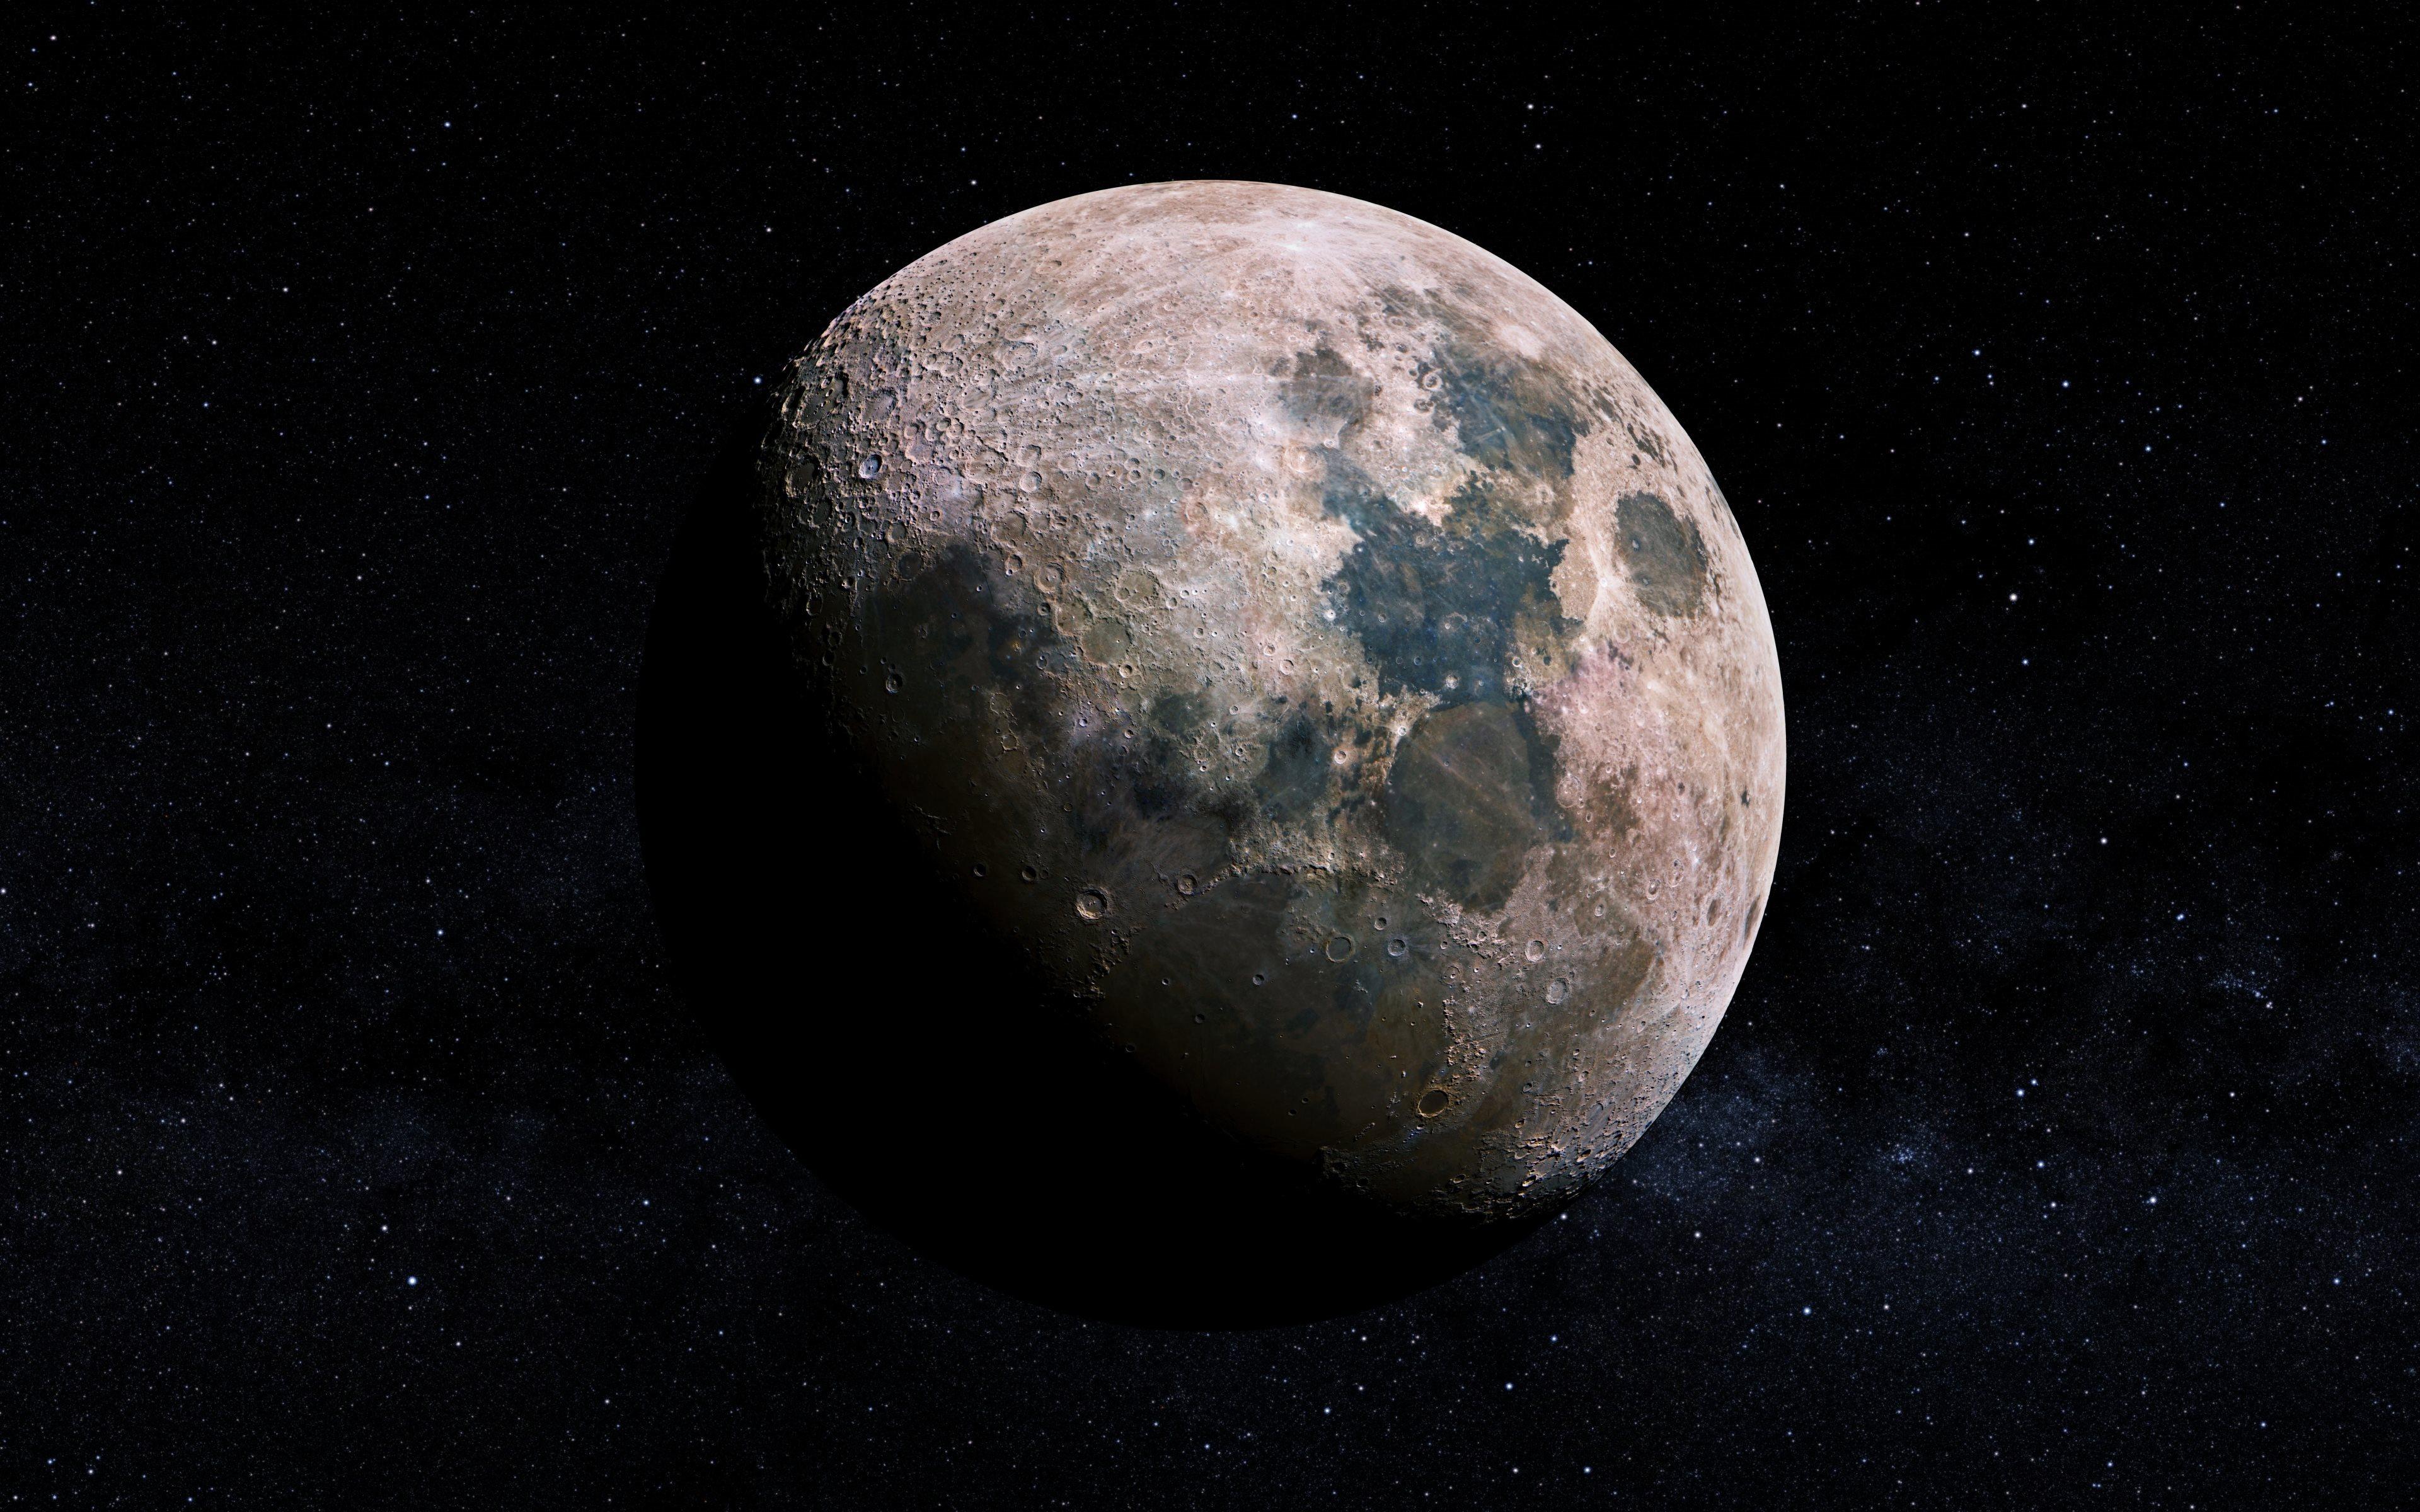 La NASA no se rinde e investiga por qué falló el cohete de su misión a la Luna